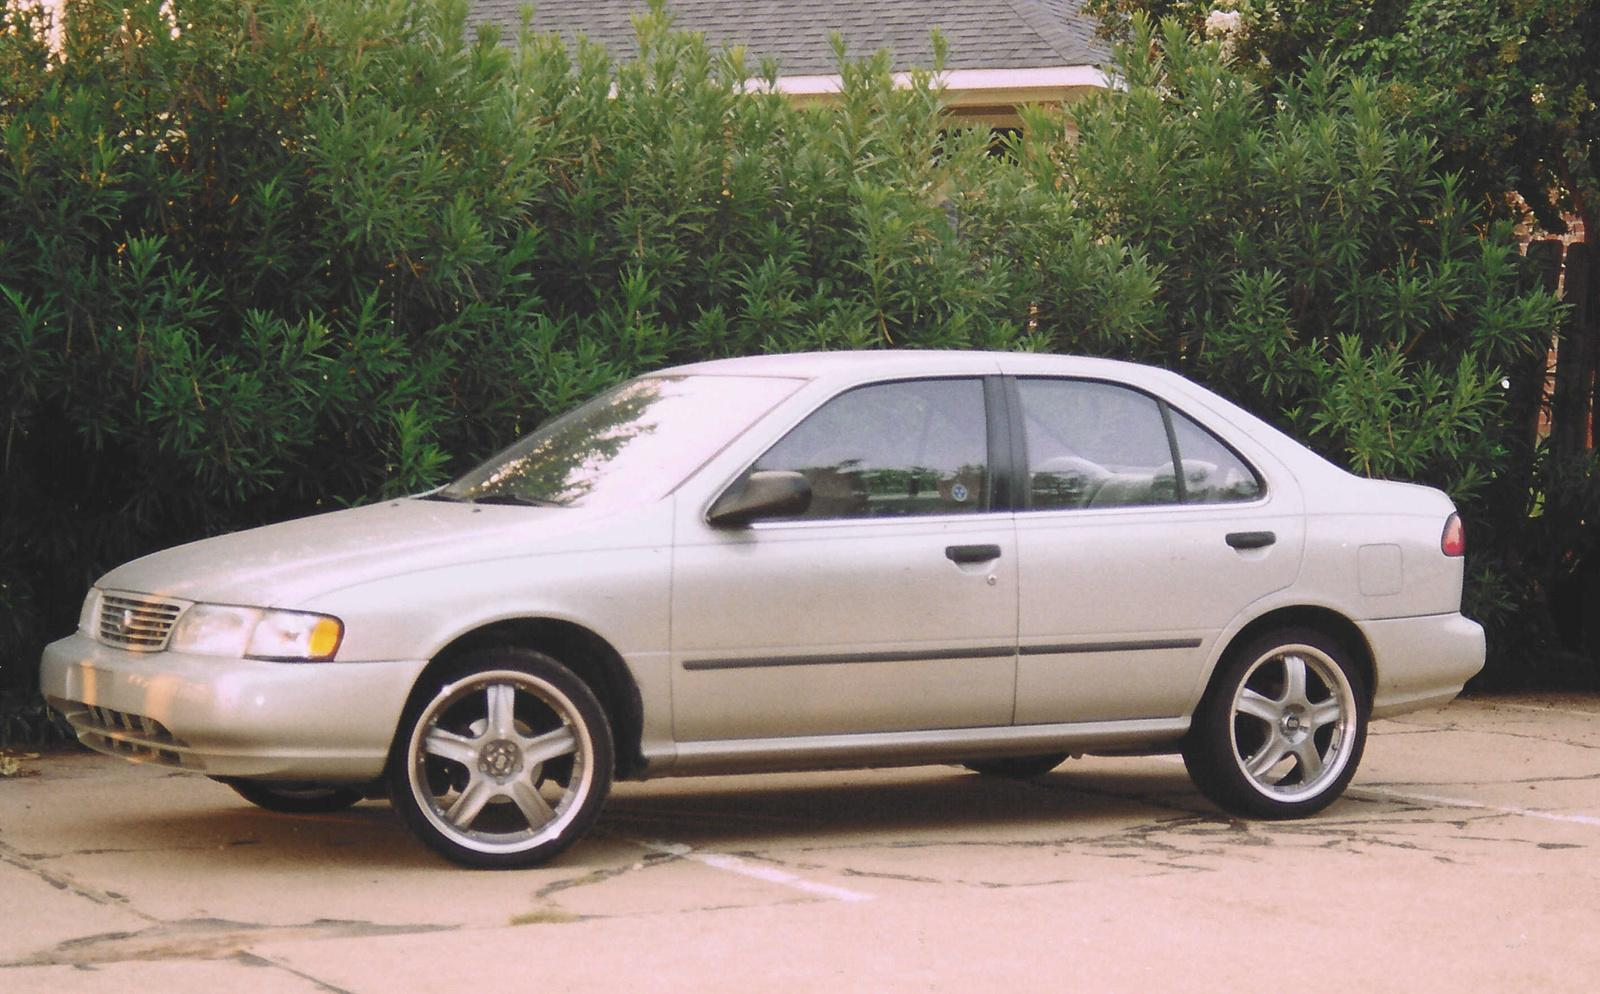 1997 Nissan Sentra #4 Nissan Sentra #4 800 1024 1280 1600 origin ...